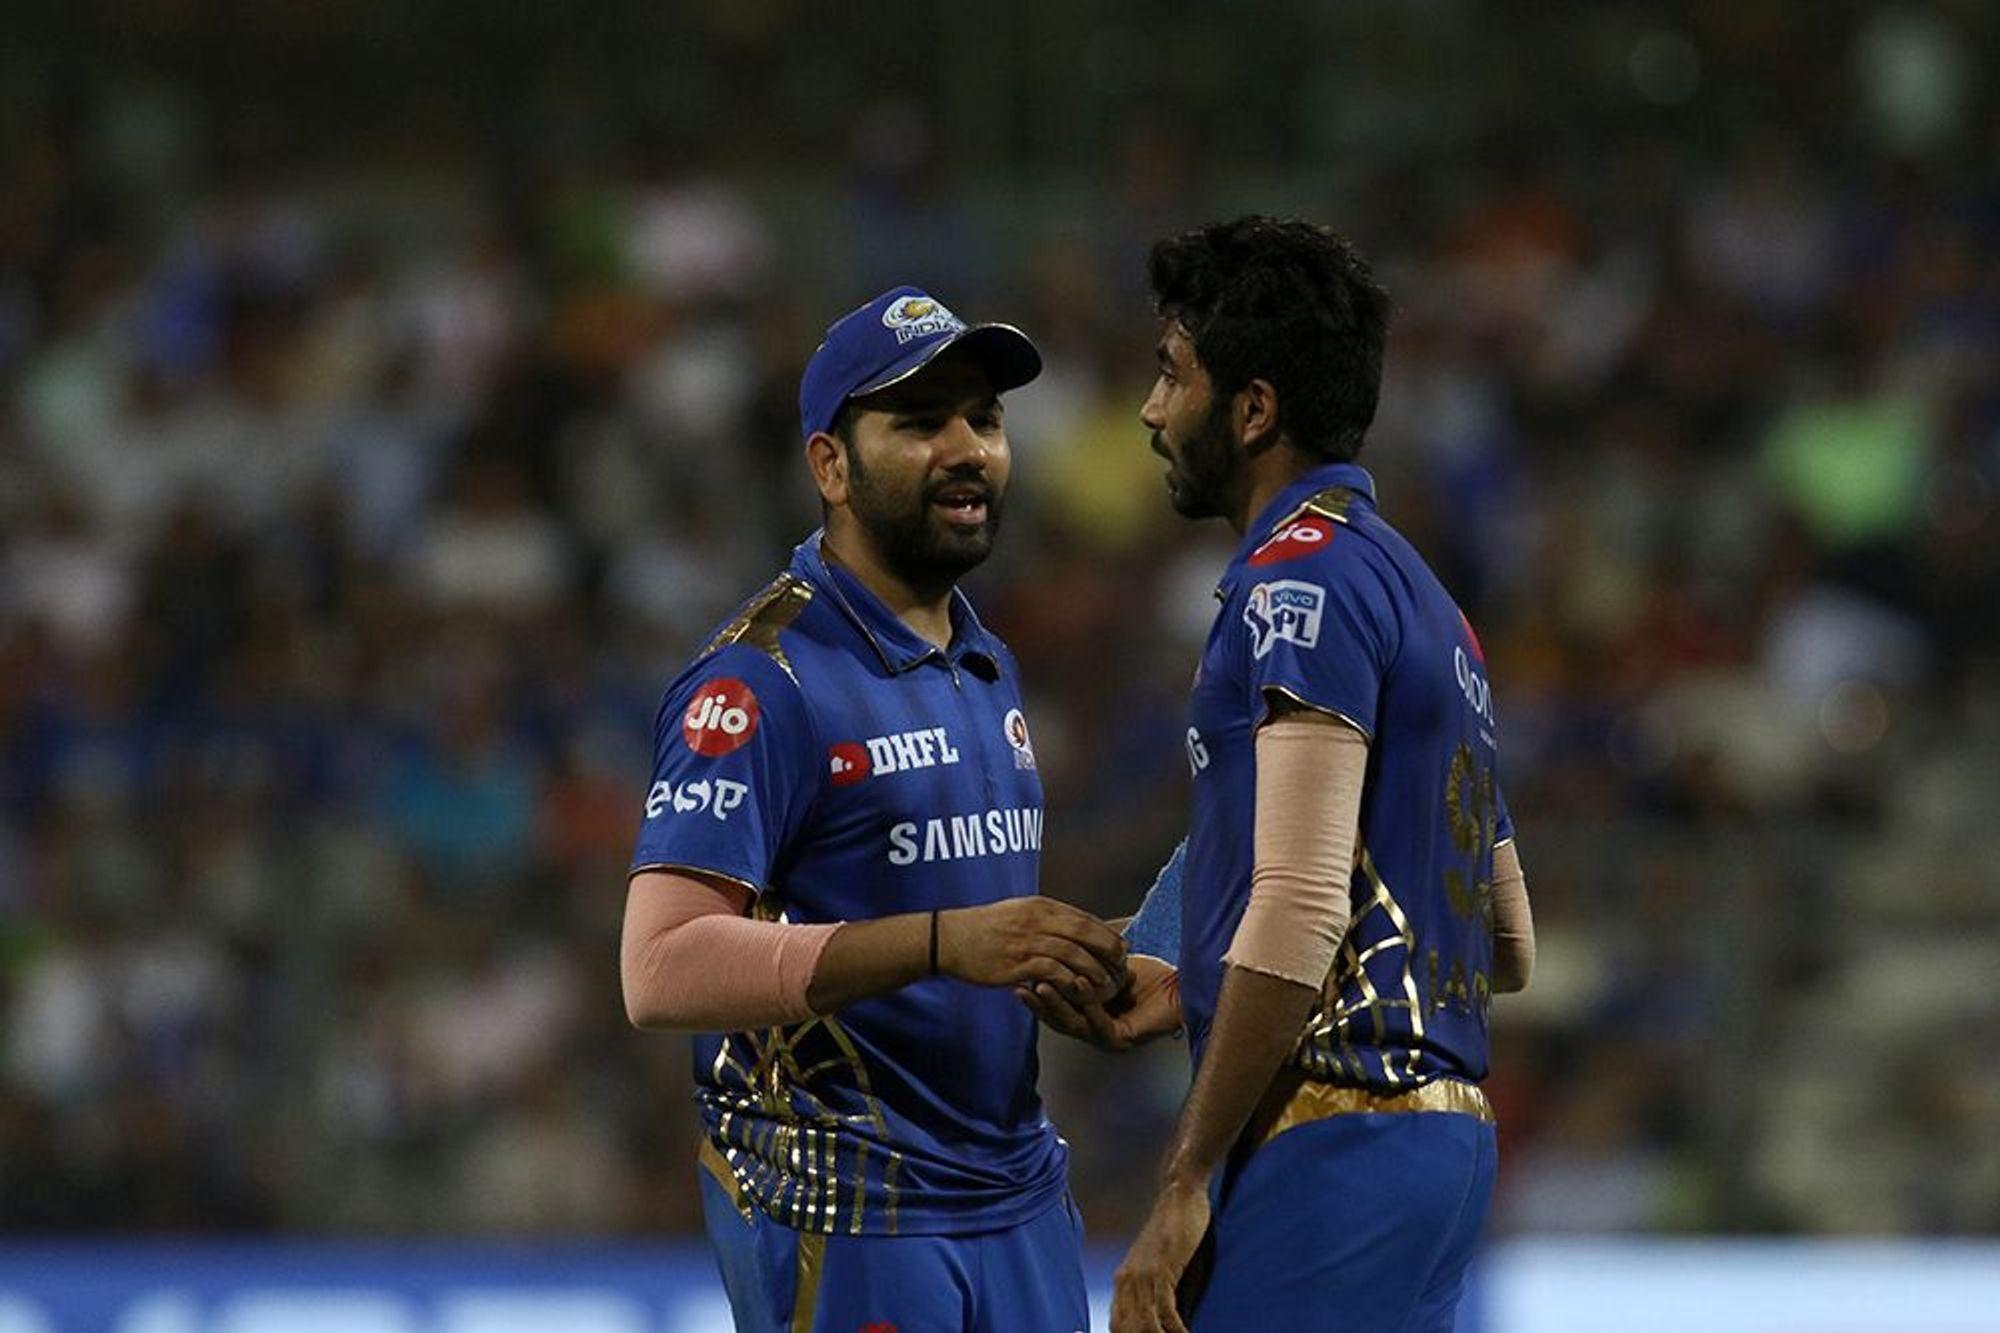 आईपीएल 2019: जसप्रीत बुमराह ने पूछा हार्दिक पांड्या से उनकी तूफानी बल्लेबाजी का राज मिला यह जवाब 2